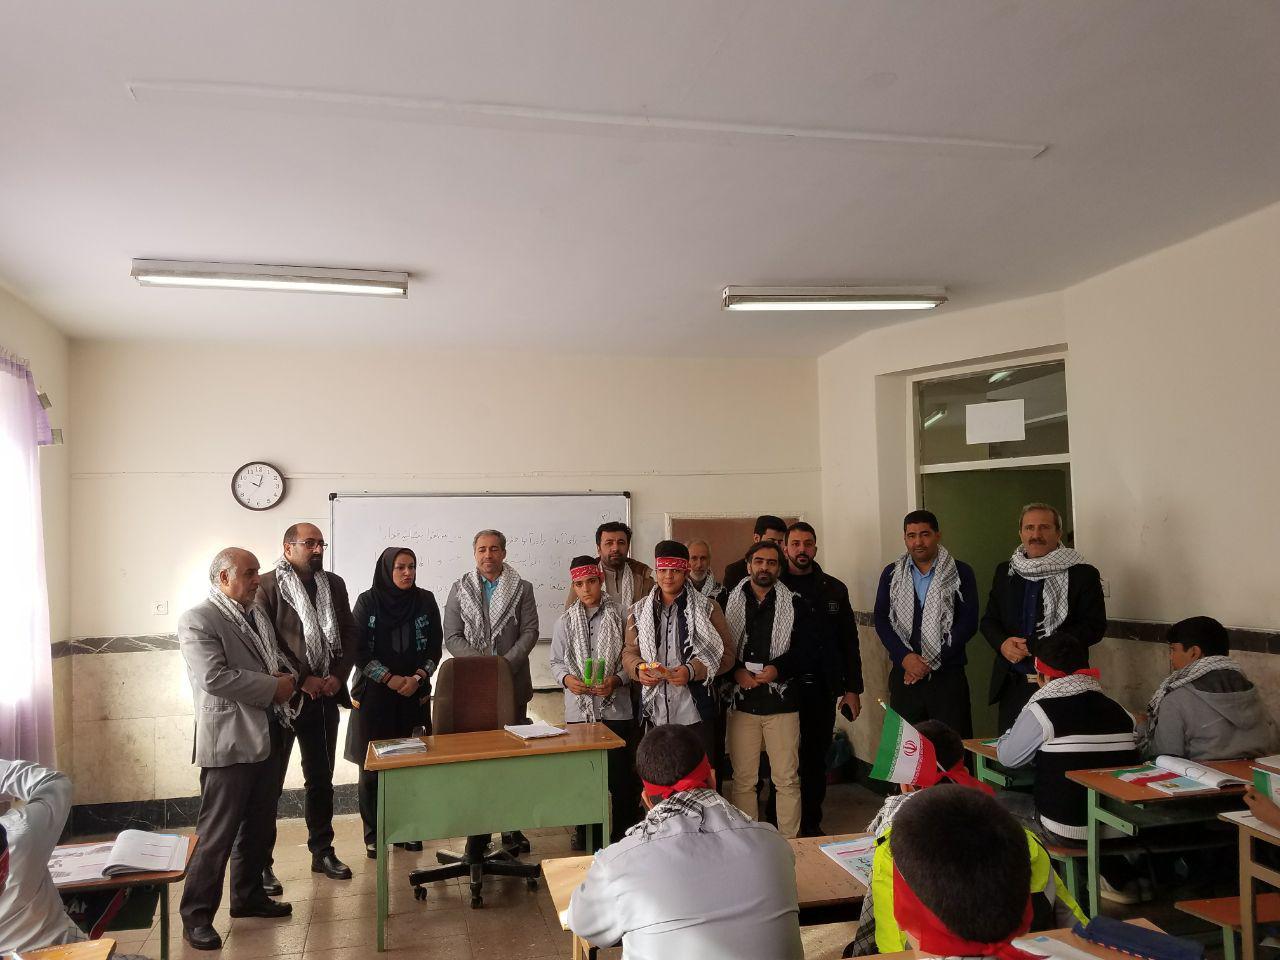 مراسم روز بسیج در مدرسه ی شهدای صنف گردبافان برگزار شد.